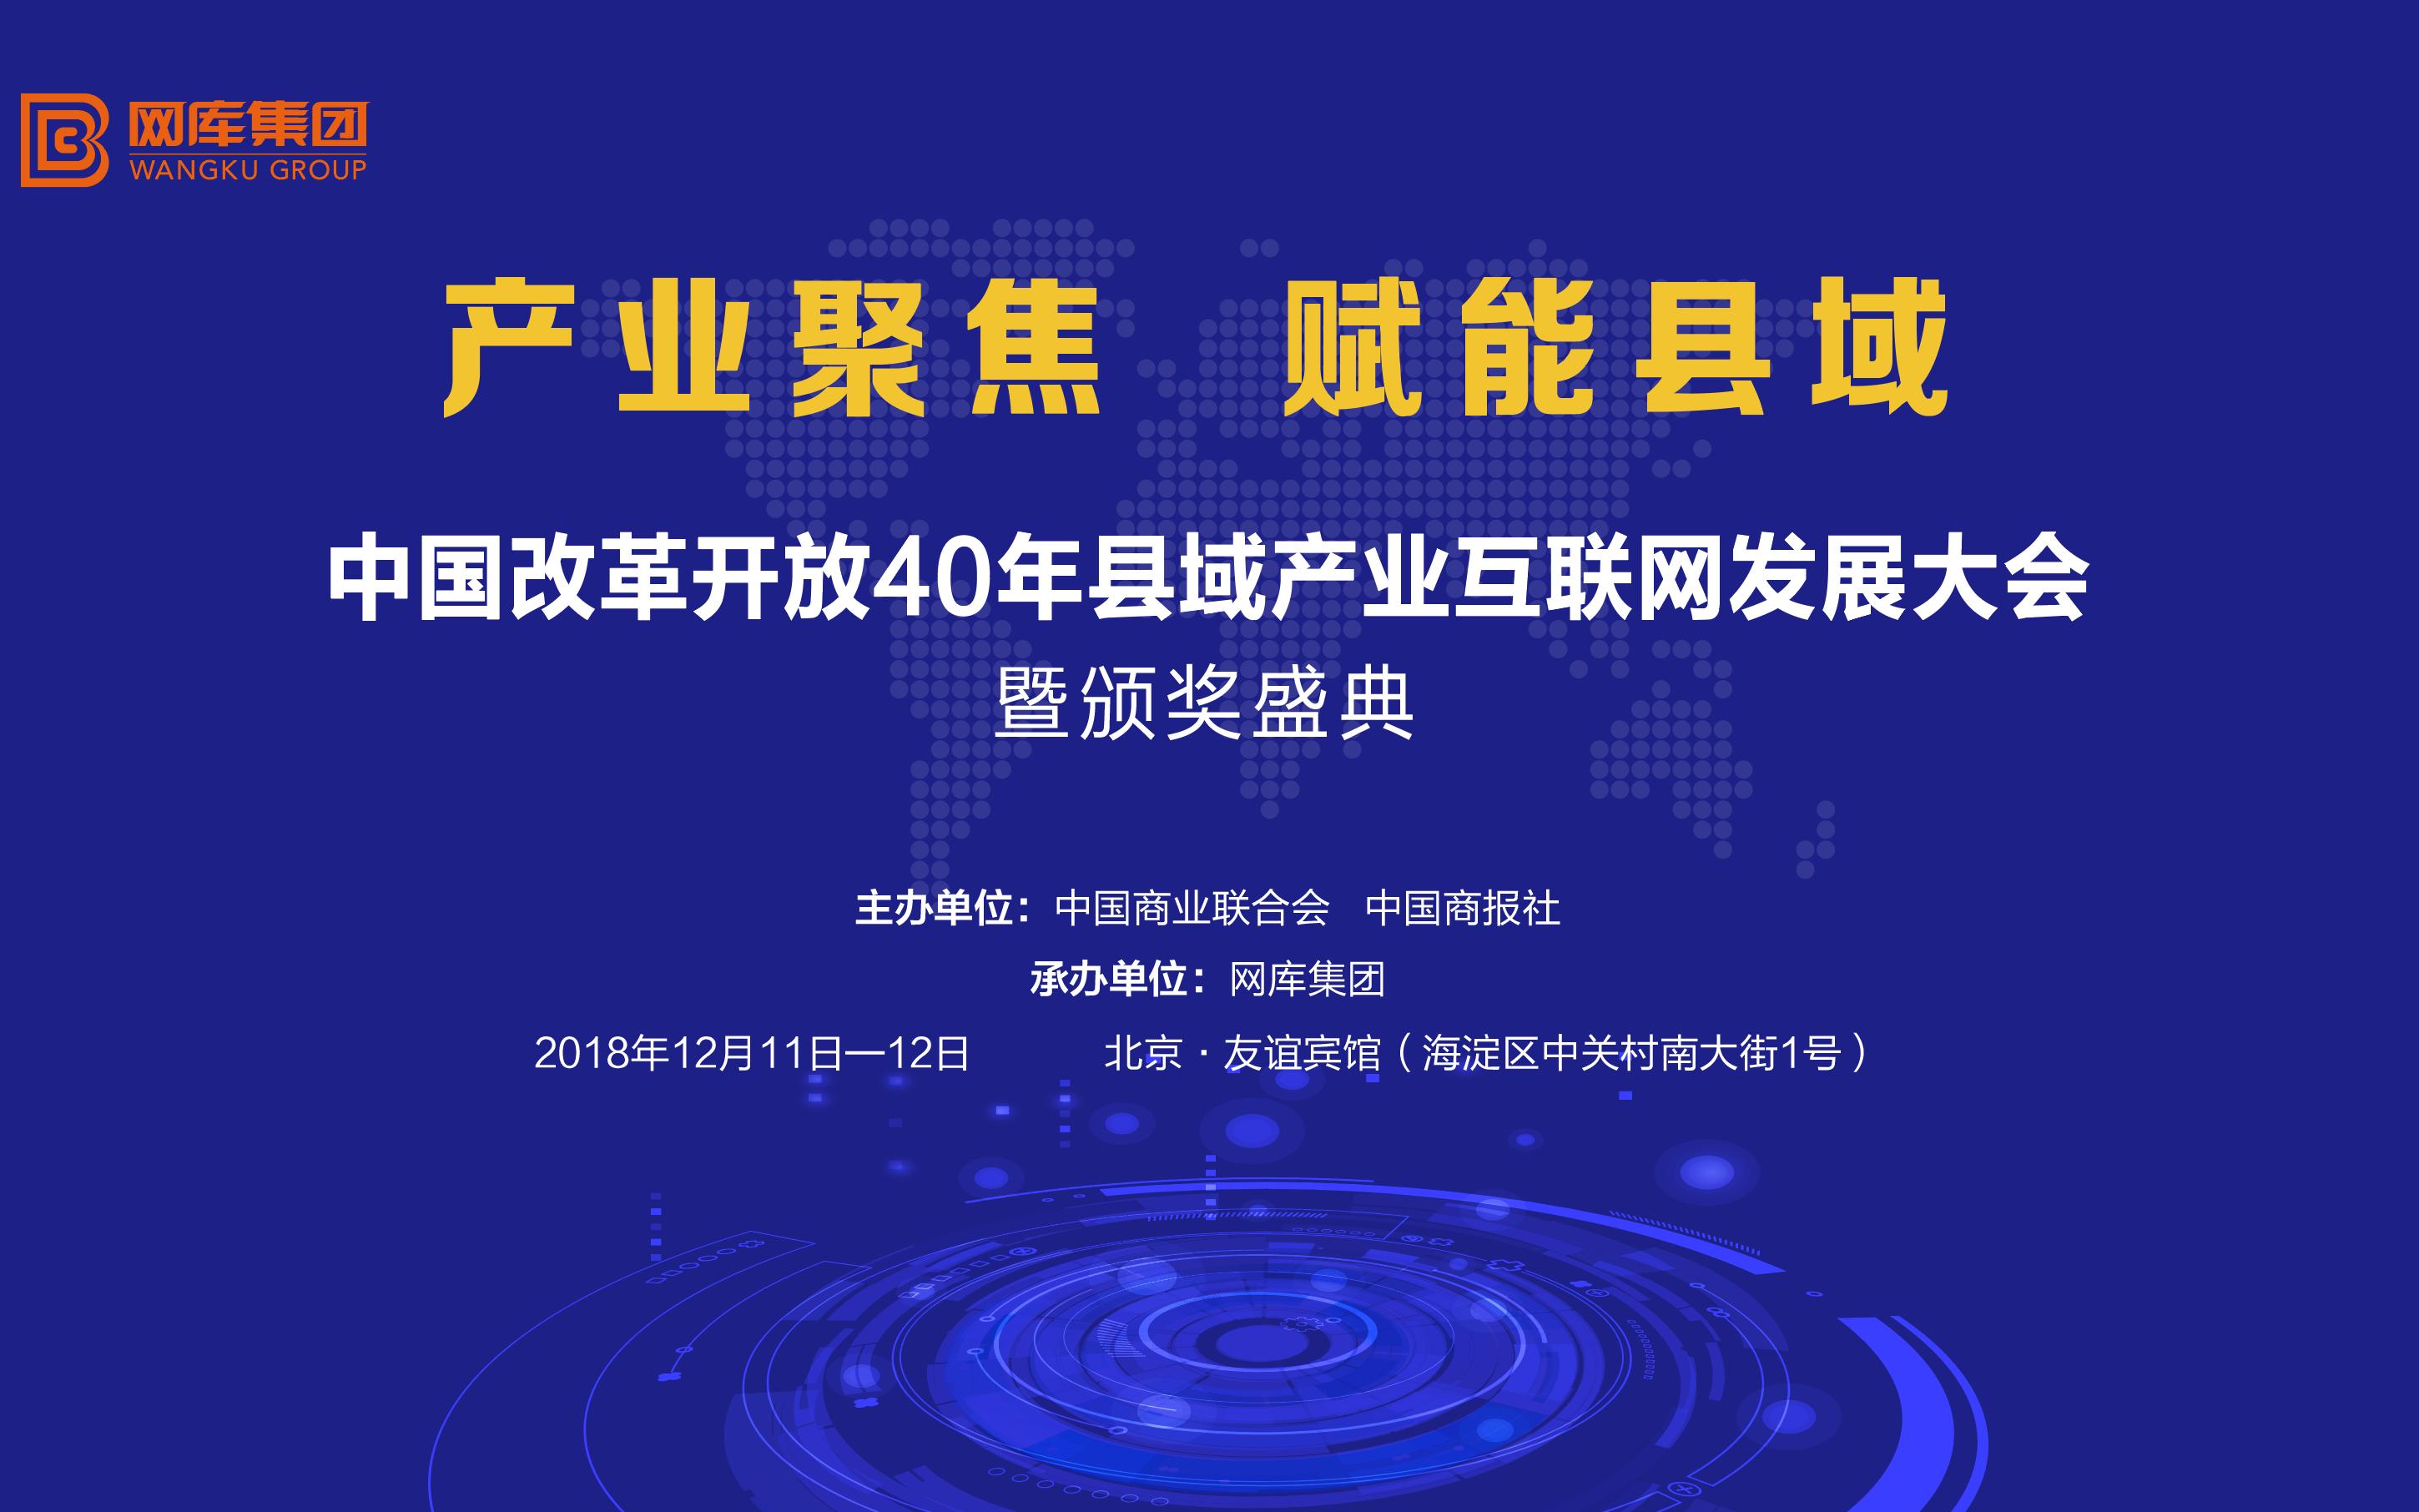 中国改革开放40周年县域产业互联网发展大会暨颁奖盛典2018(北京)